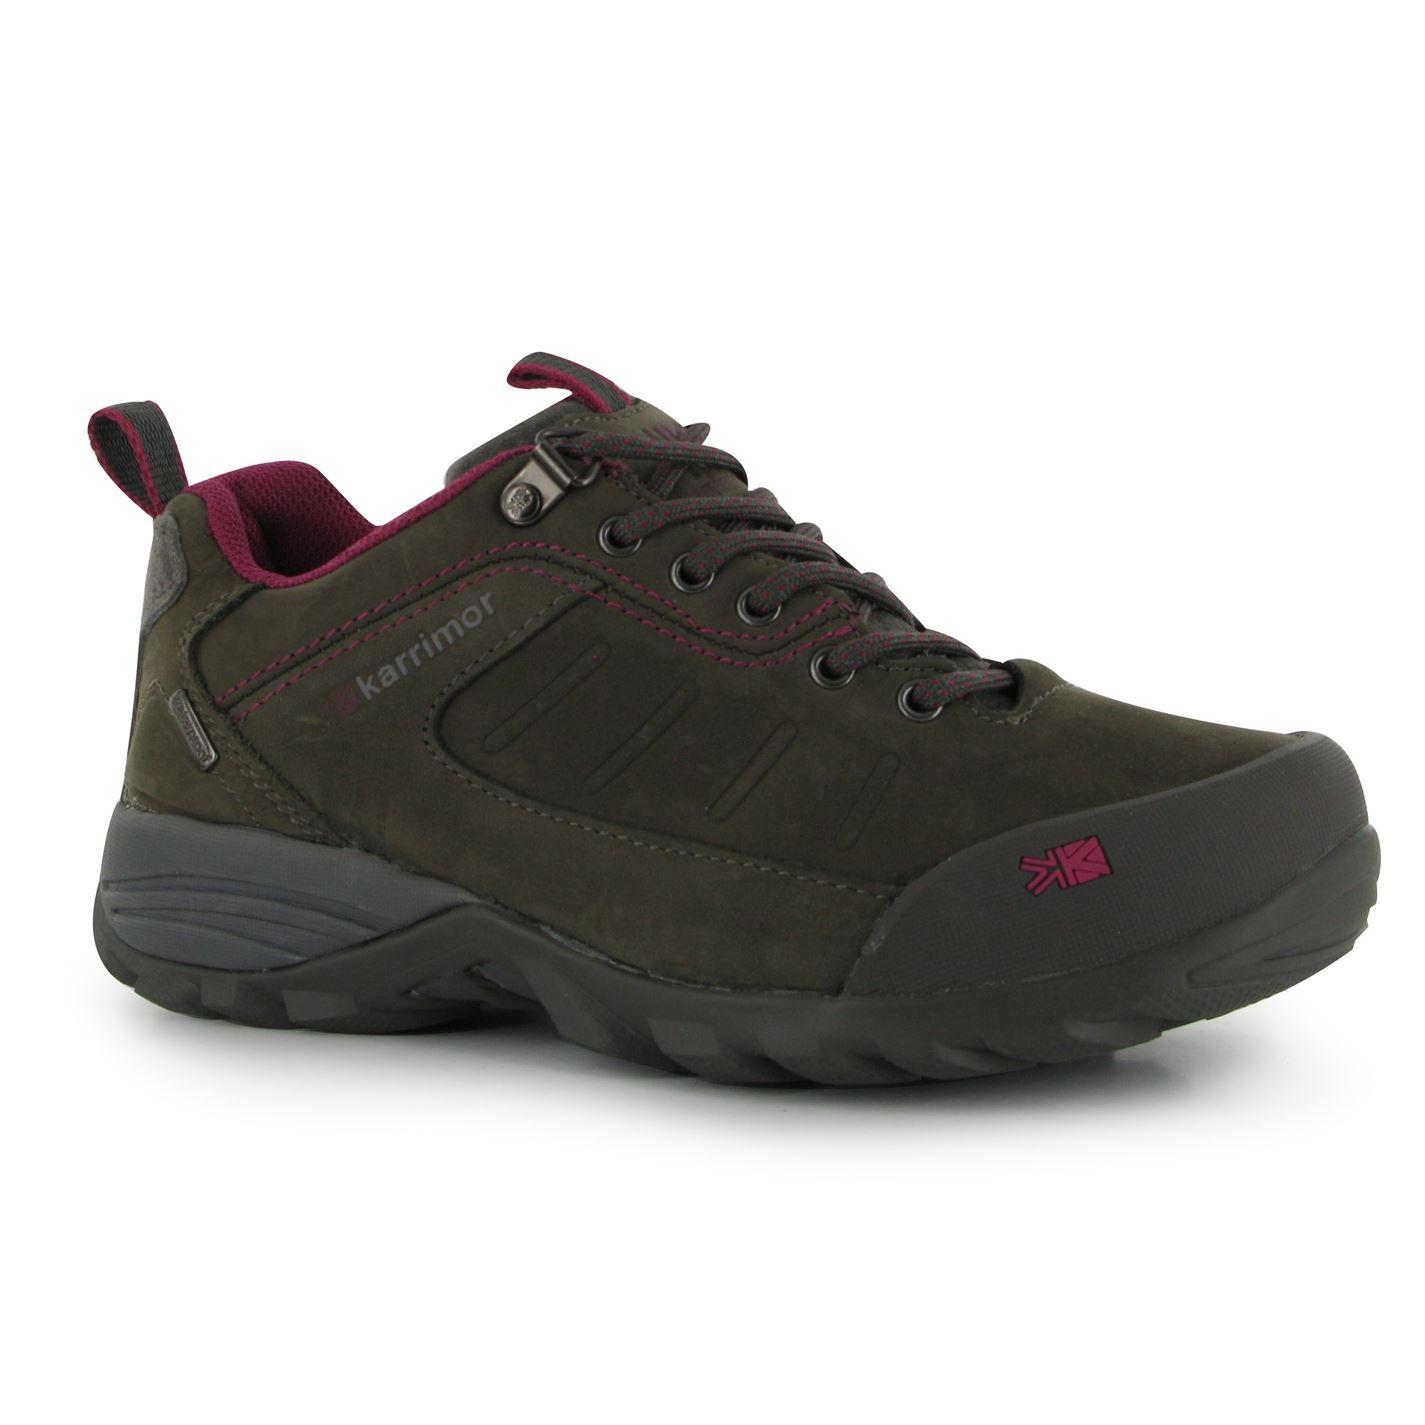 karrimor design 4 walking shoes womens black pewter hiking